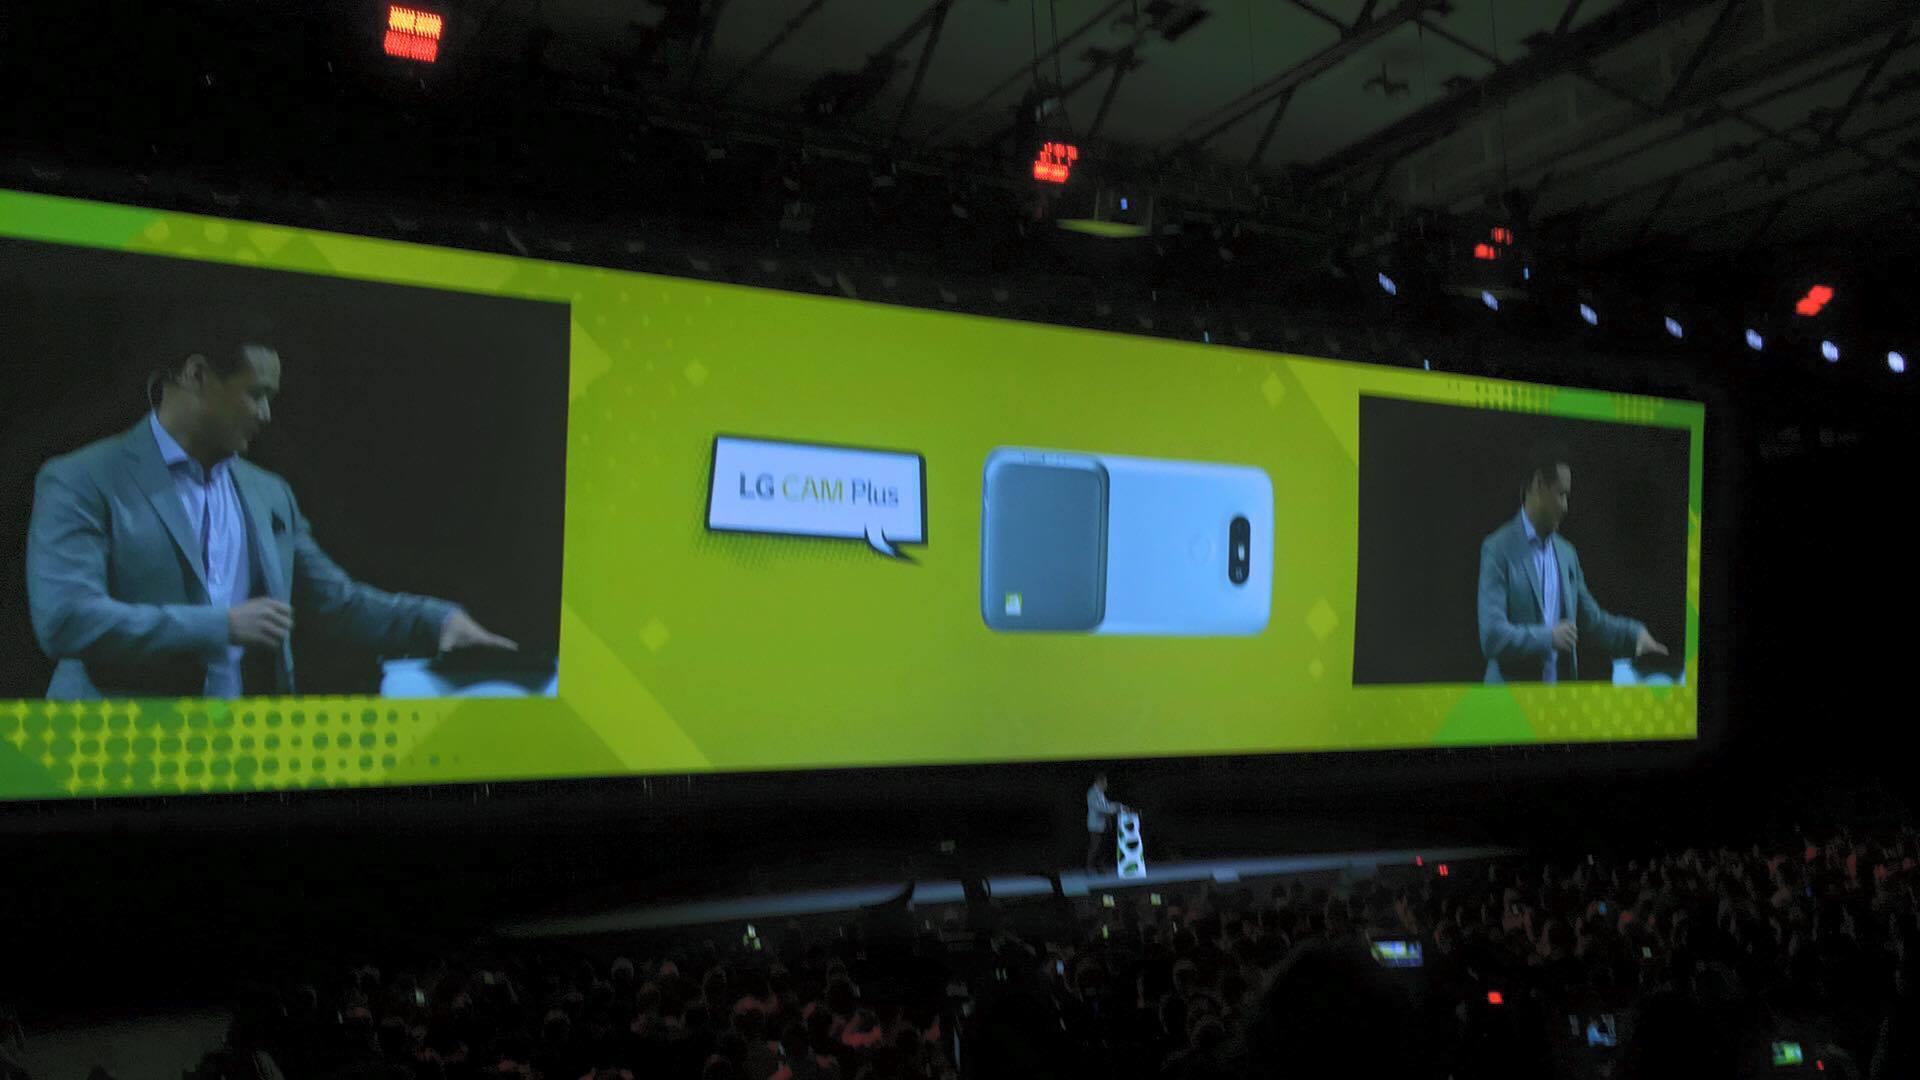 LG-G5-akilli-telefon-canli-yayin-technopat (17)